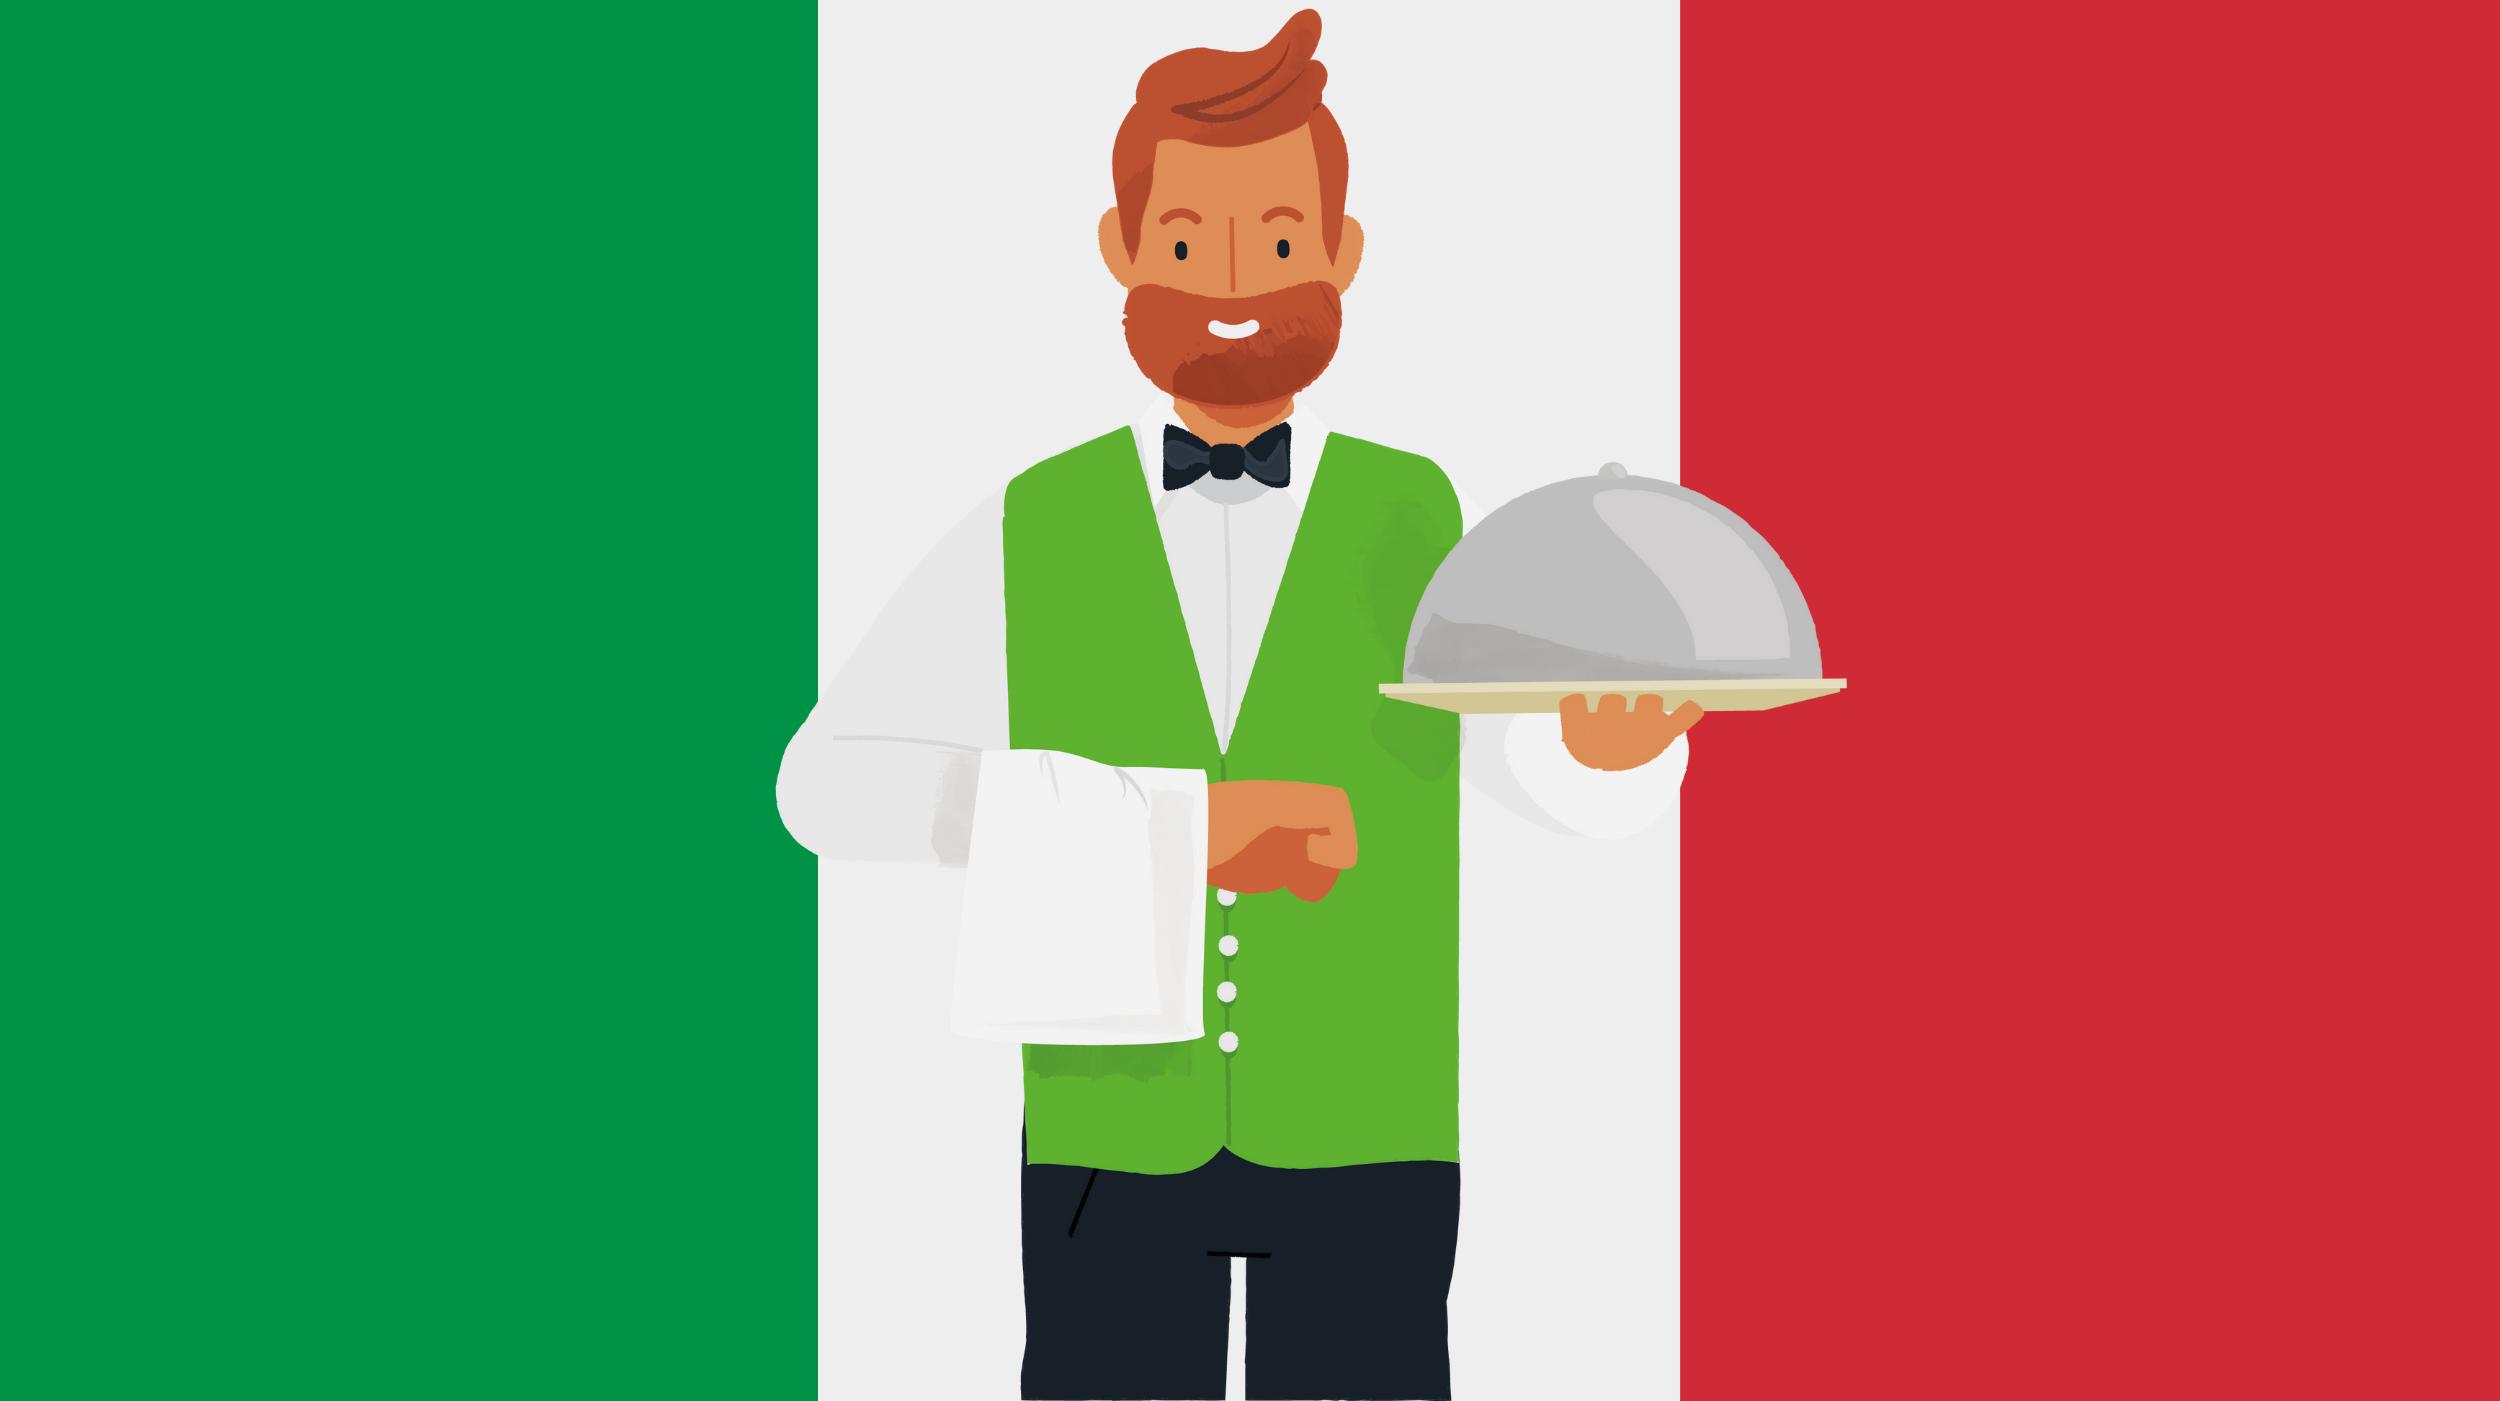 Gli stili di servizio: conosciamo il servizio all'italiana e altri più diffusi